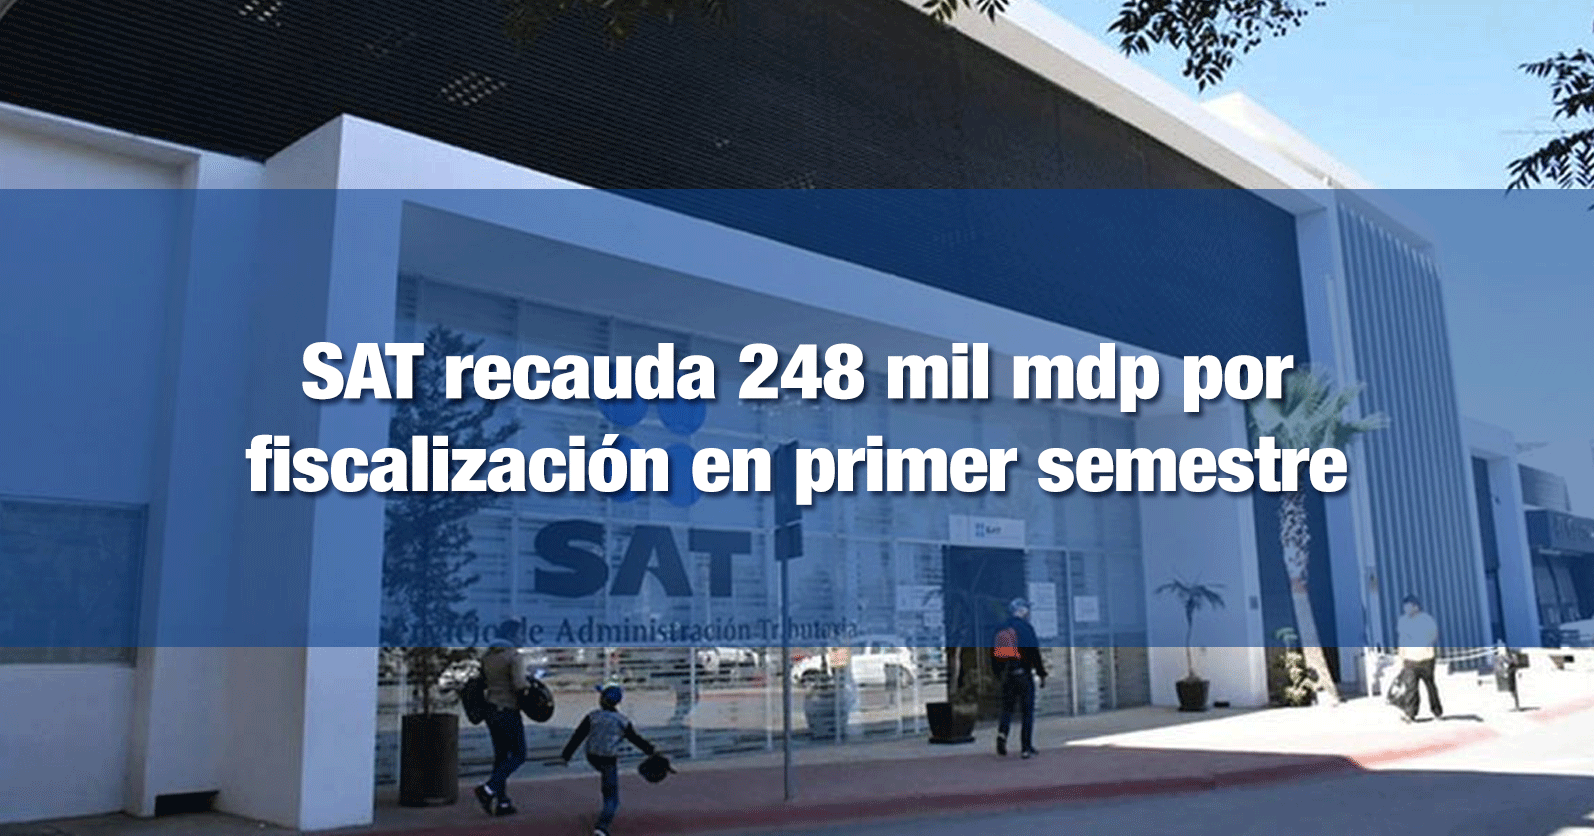 SAT recauda 248 mil mdp por fiscalización en primer semestre